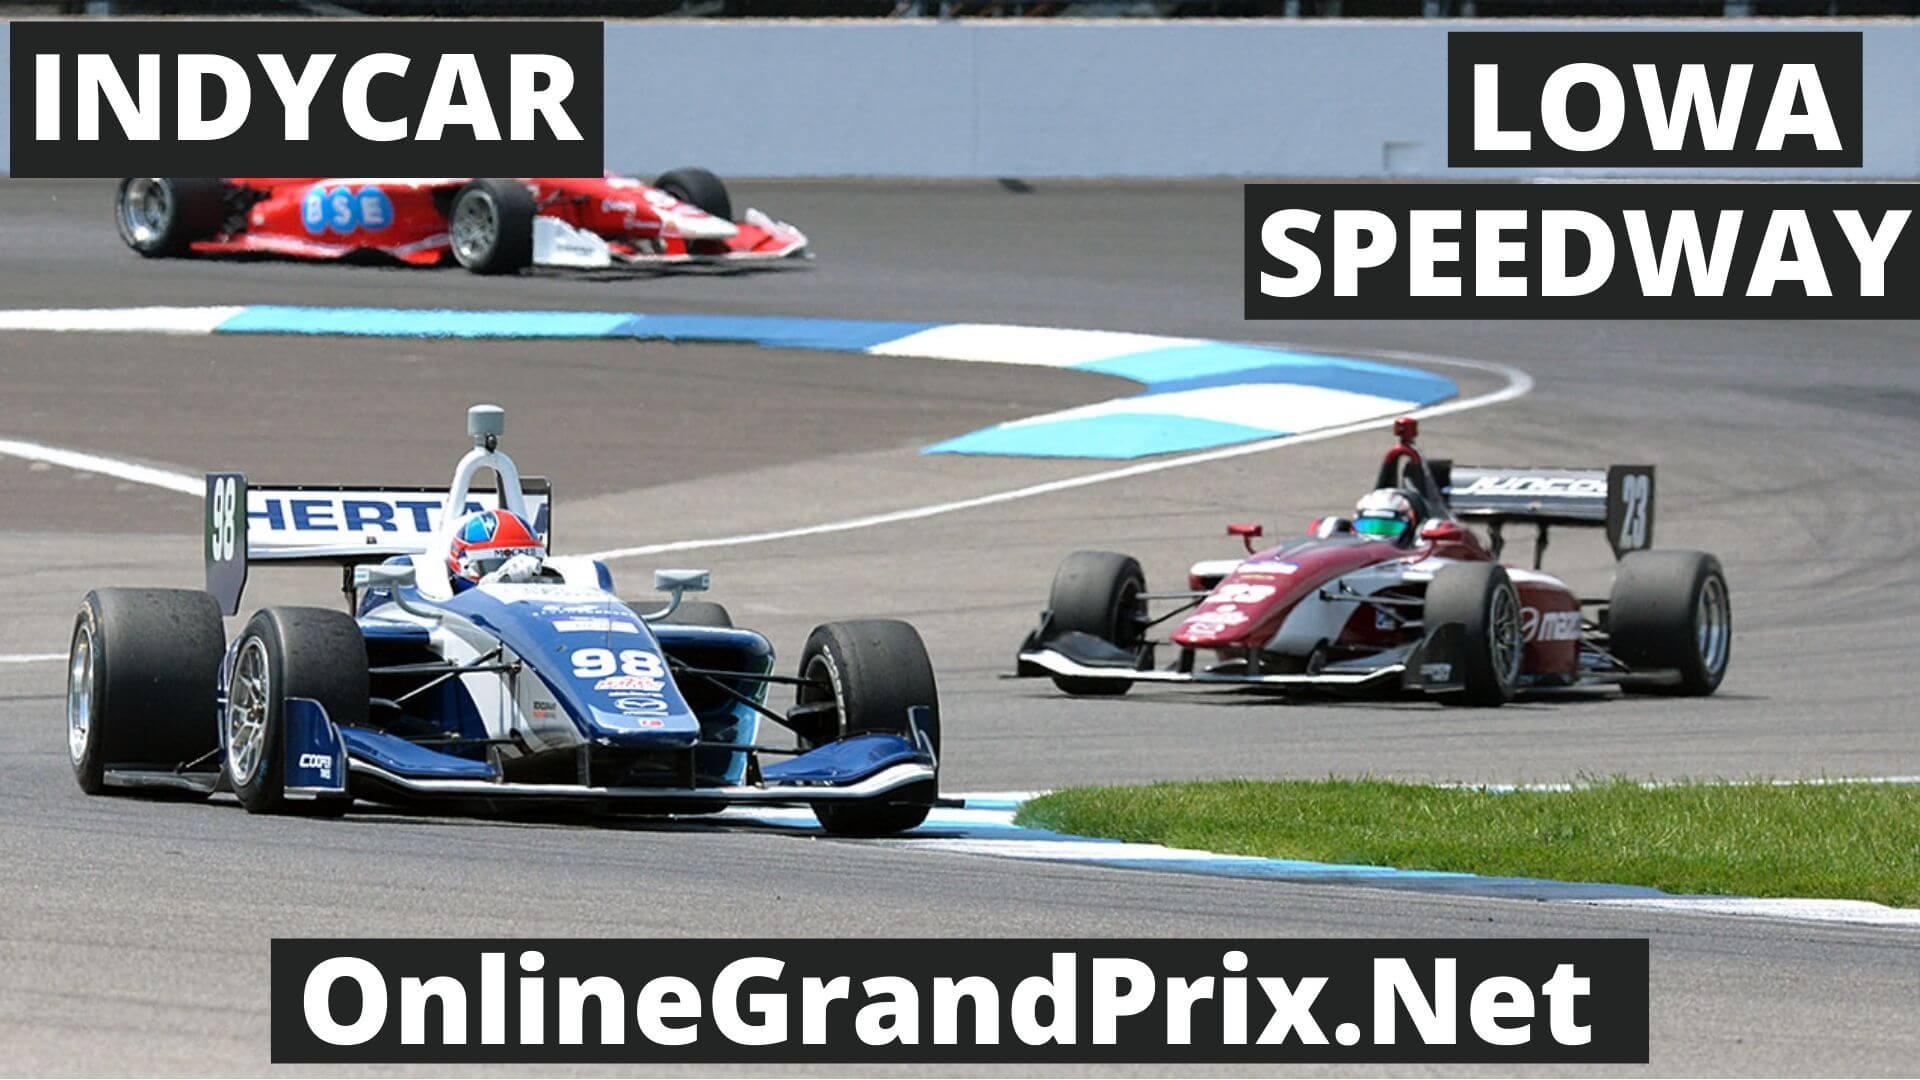 Lowa INDYCAR 250S Race 2 Live Stream 2020 | Indycar